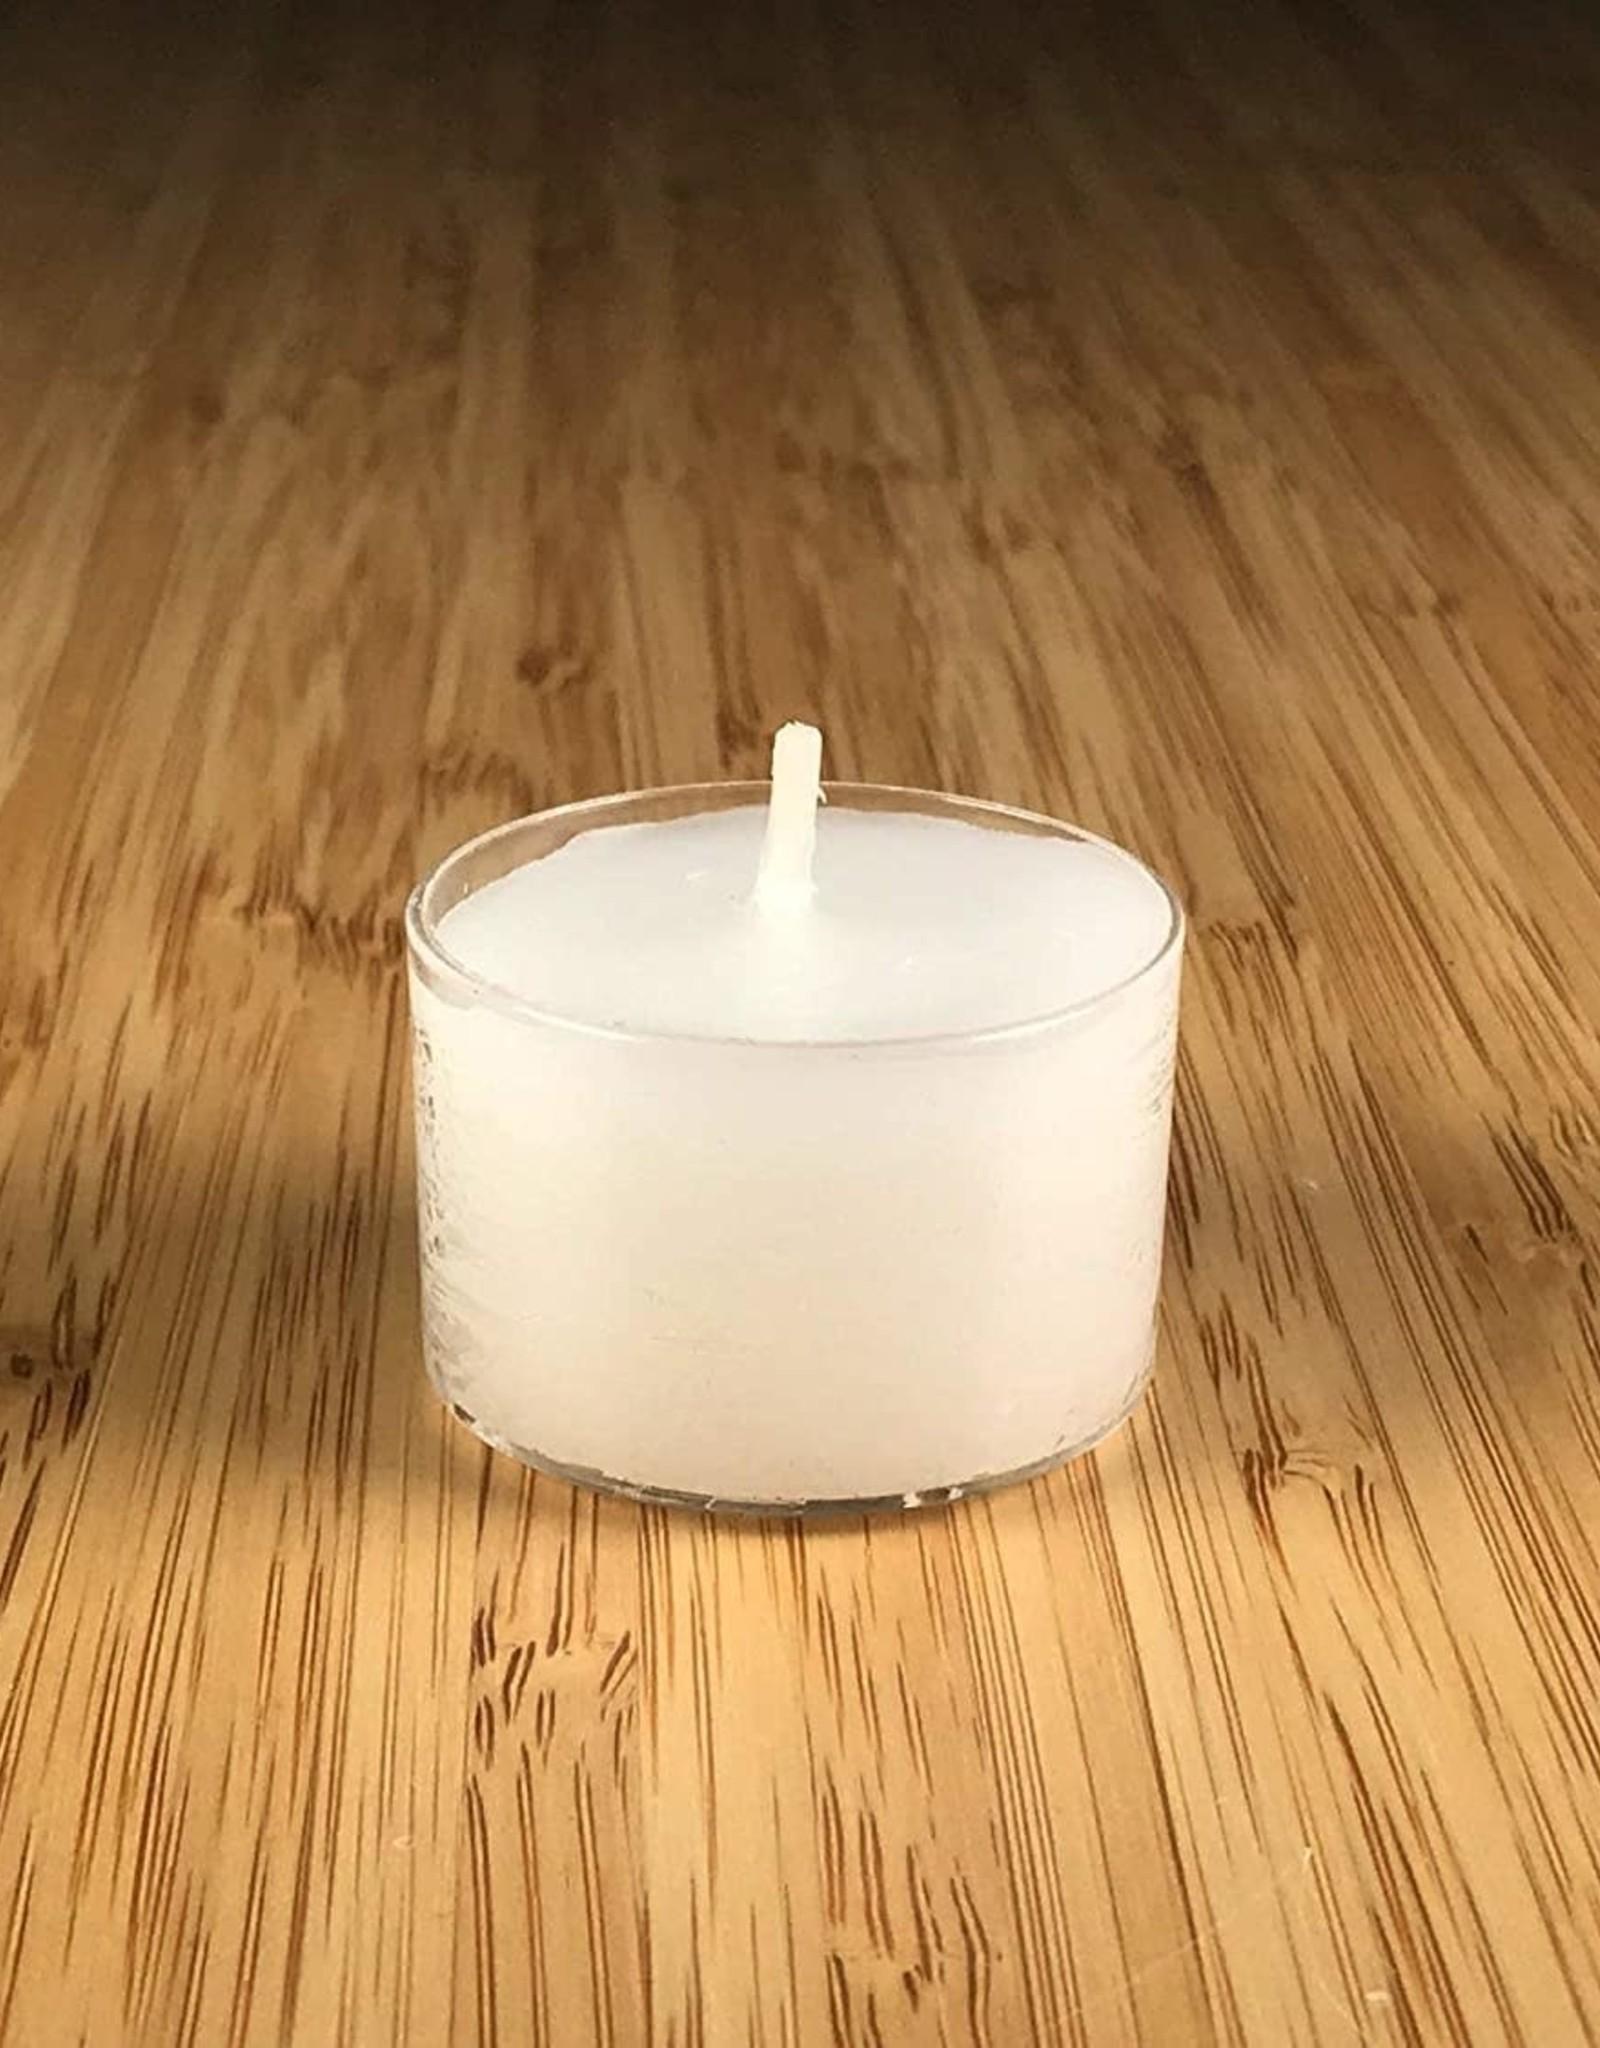 Boite de 9 bougies chauffe-plat 7-8 heures